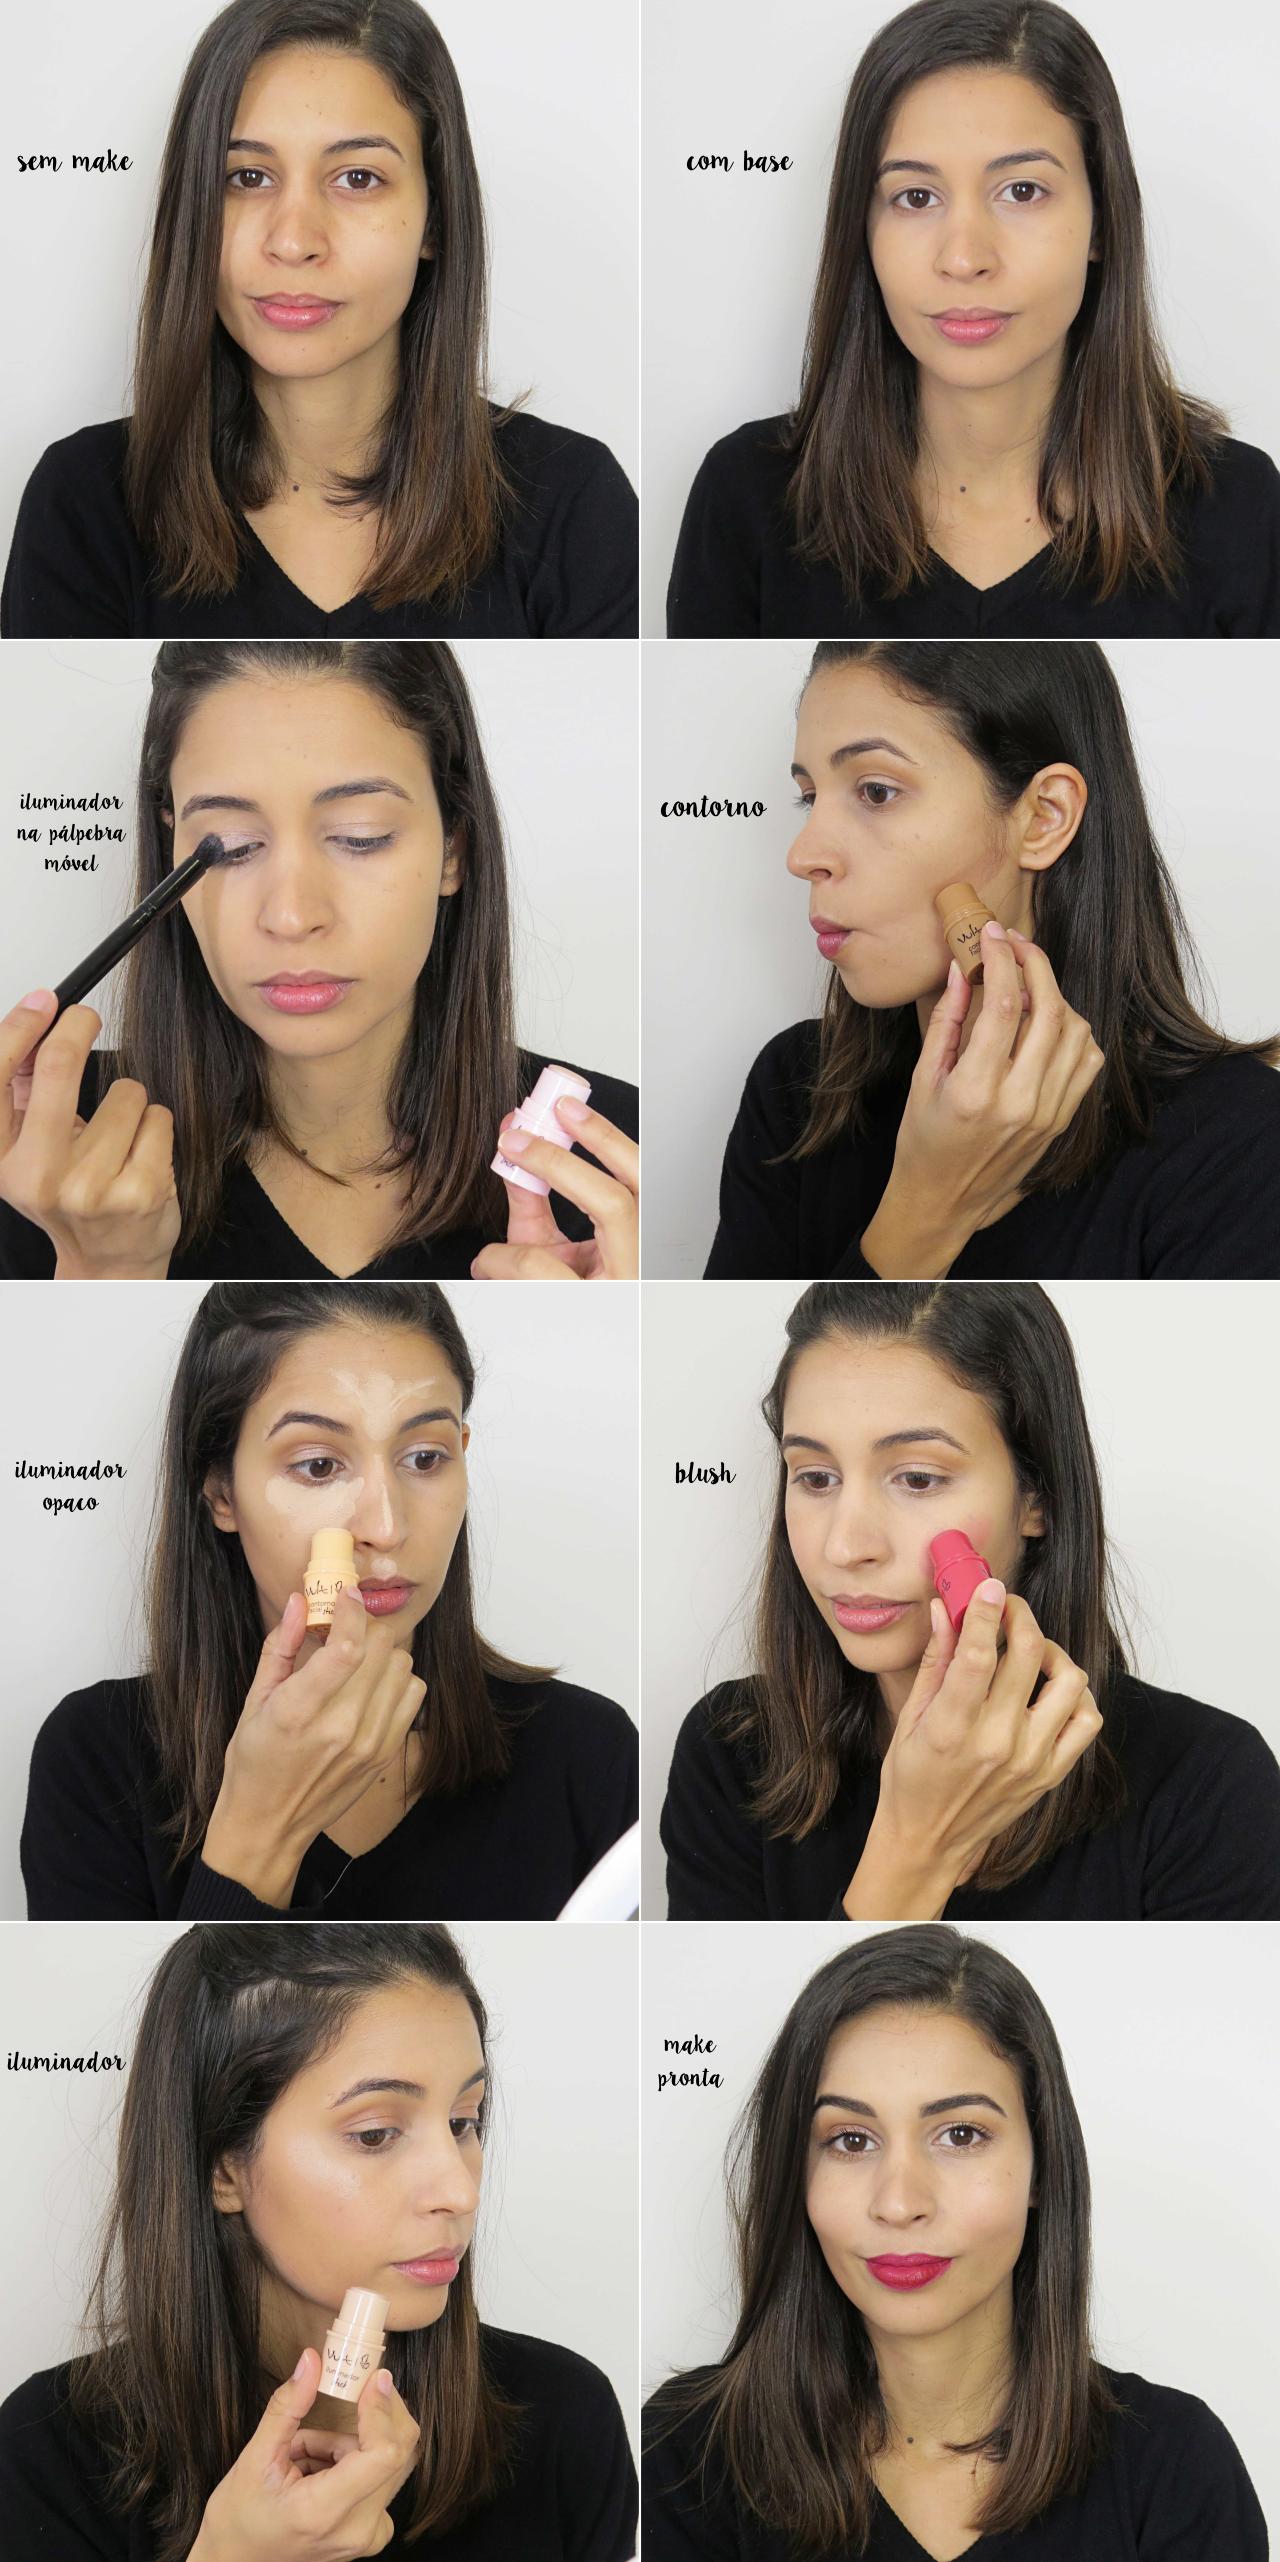 linha sticks vult como fazer contorno no rosto